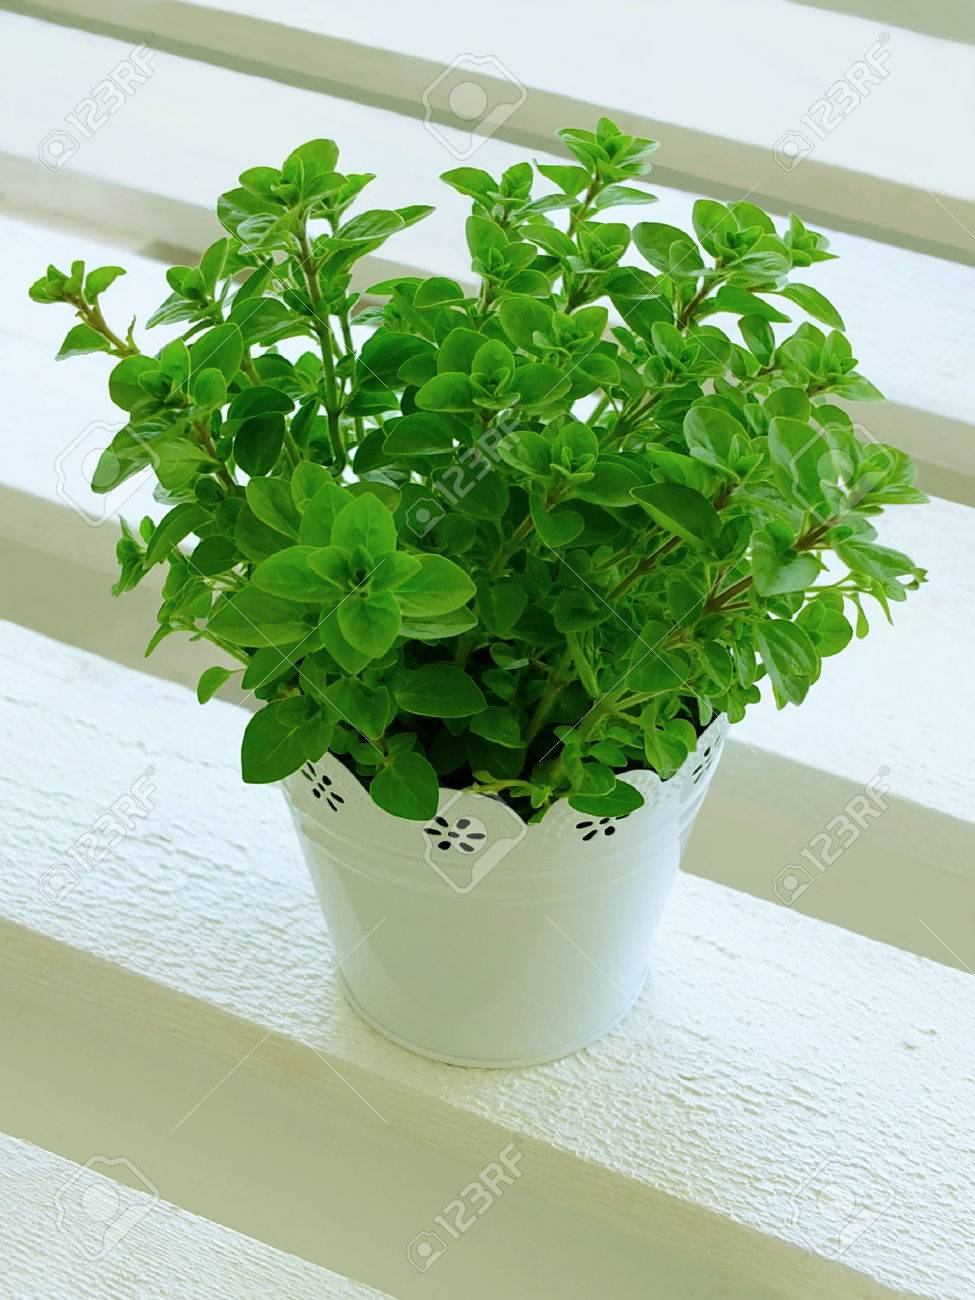 oregano plant in pot Standard-Bild - 27504558